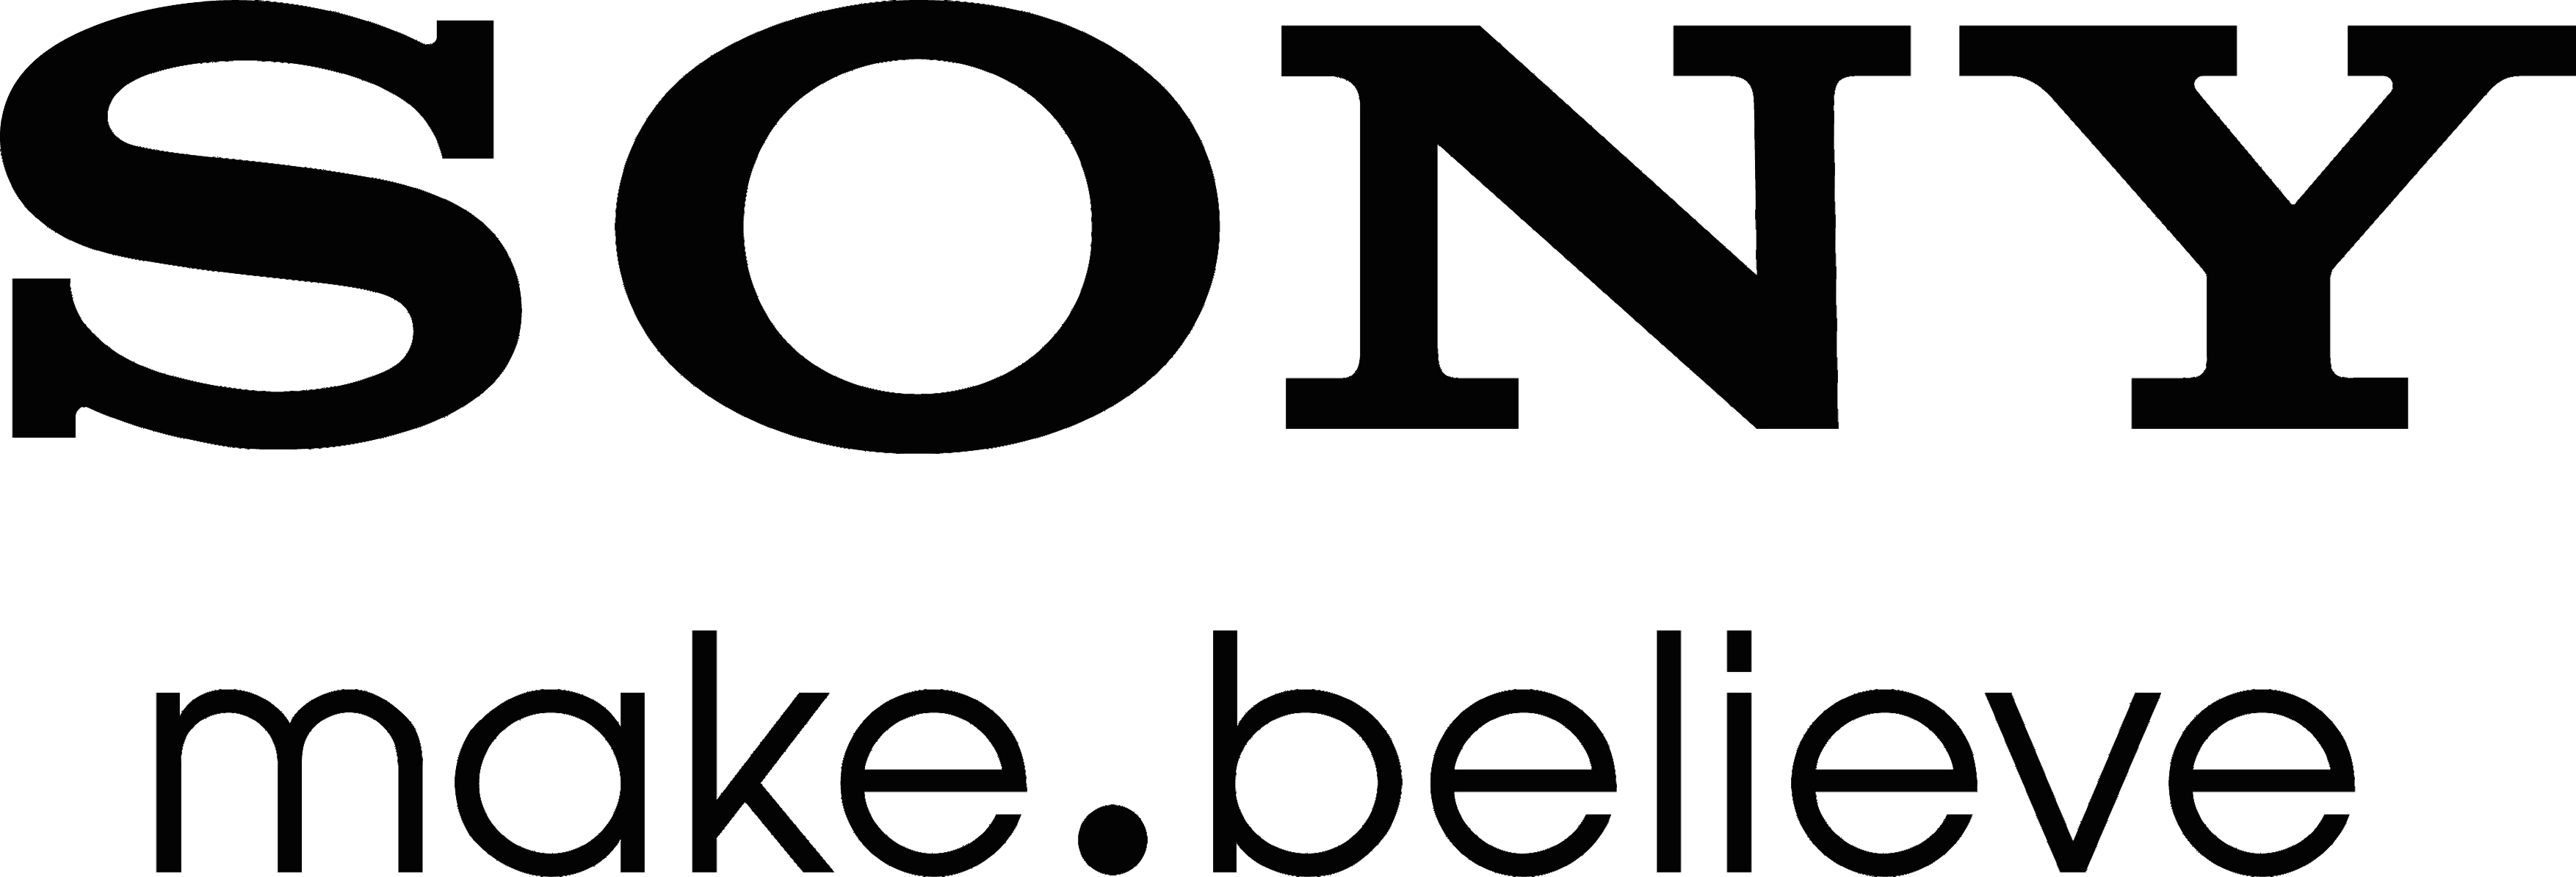 Sony logo clipart